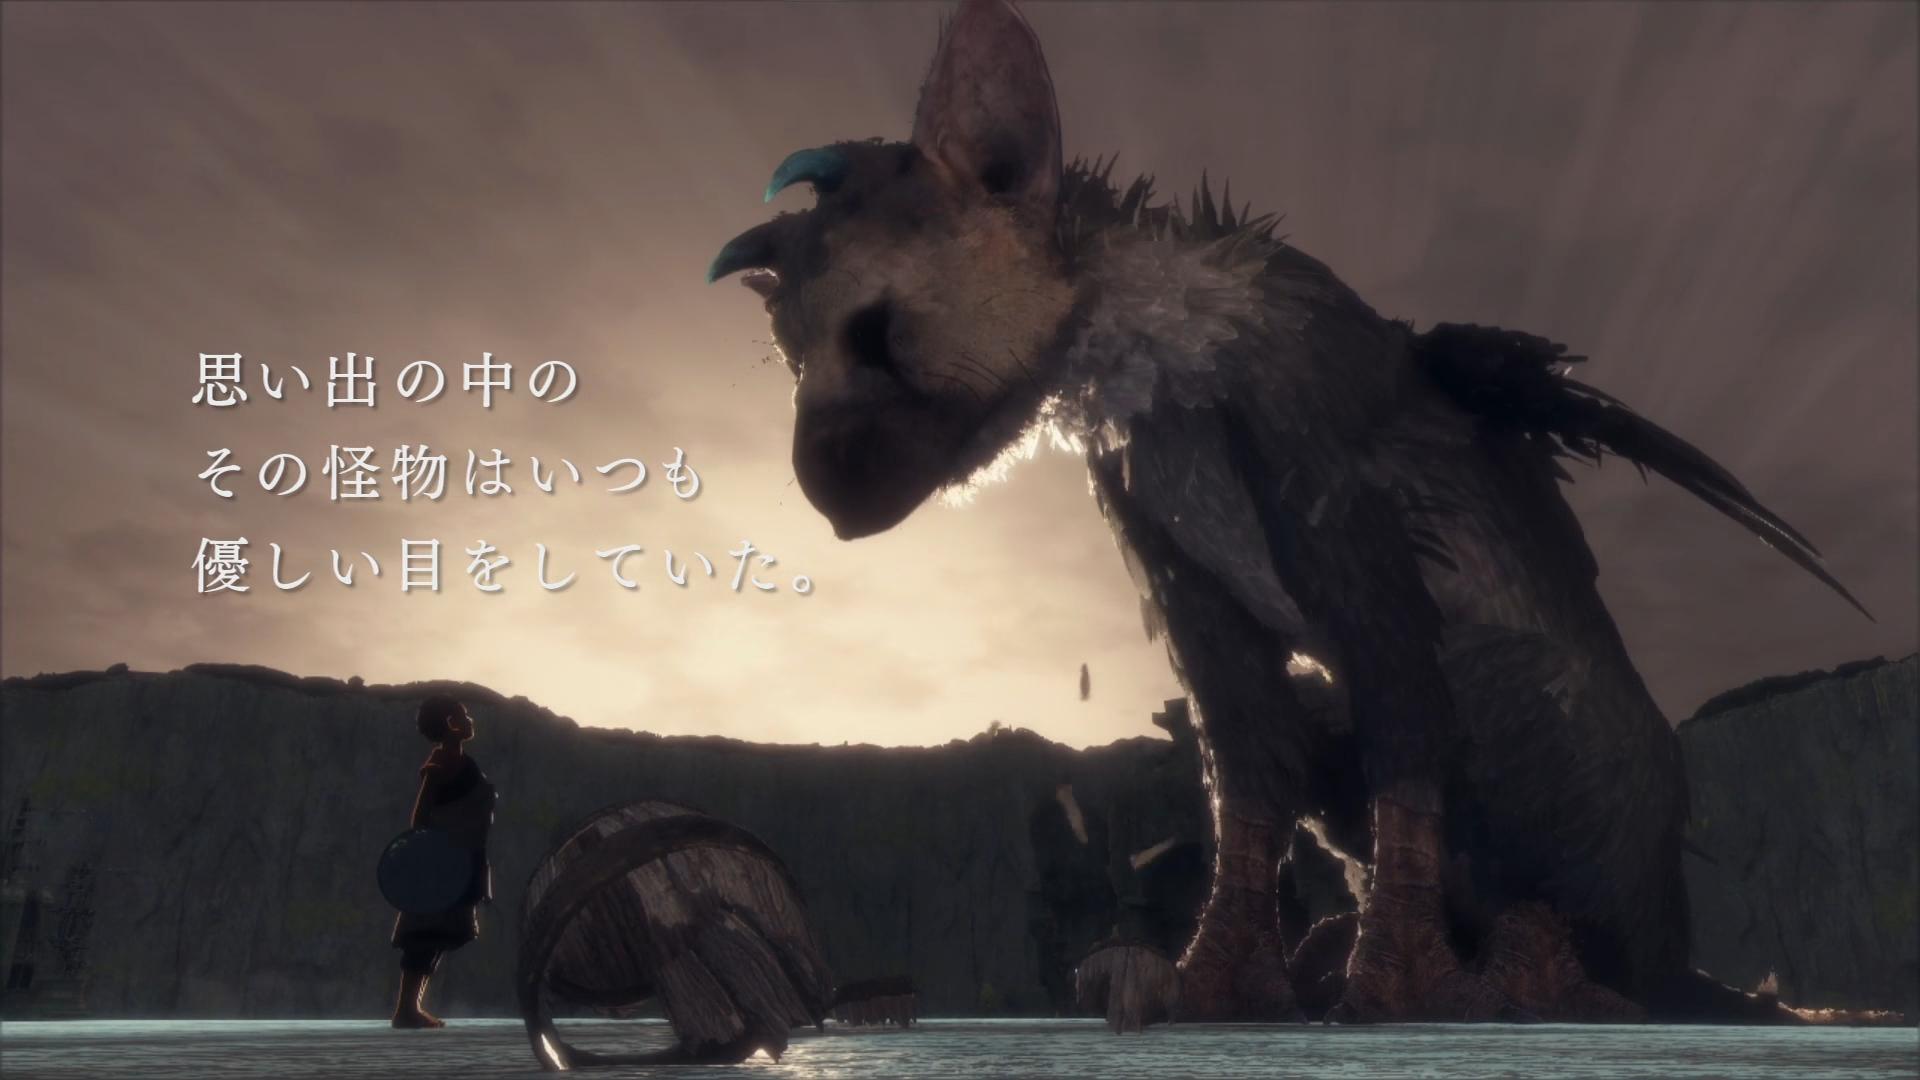 人喰いの大鷲トリコキャッチコピー